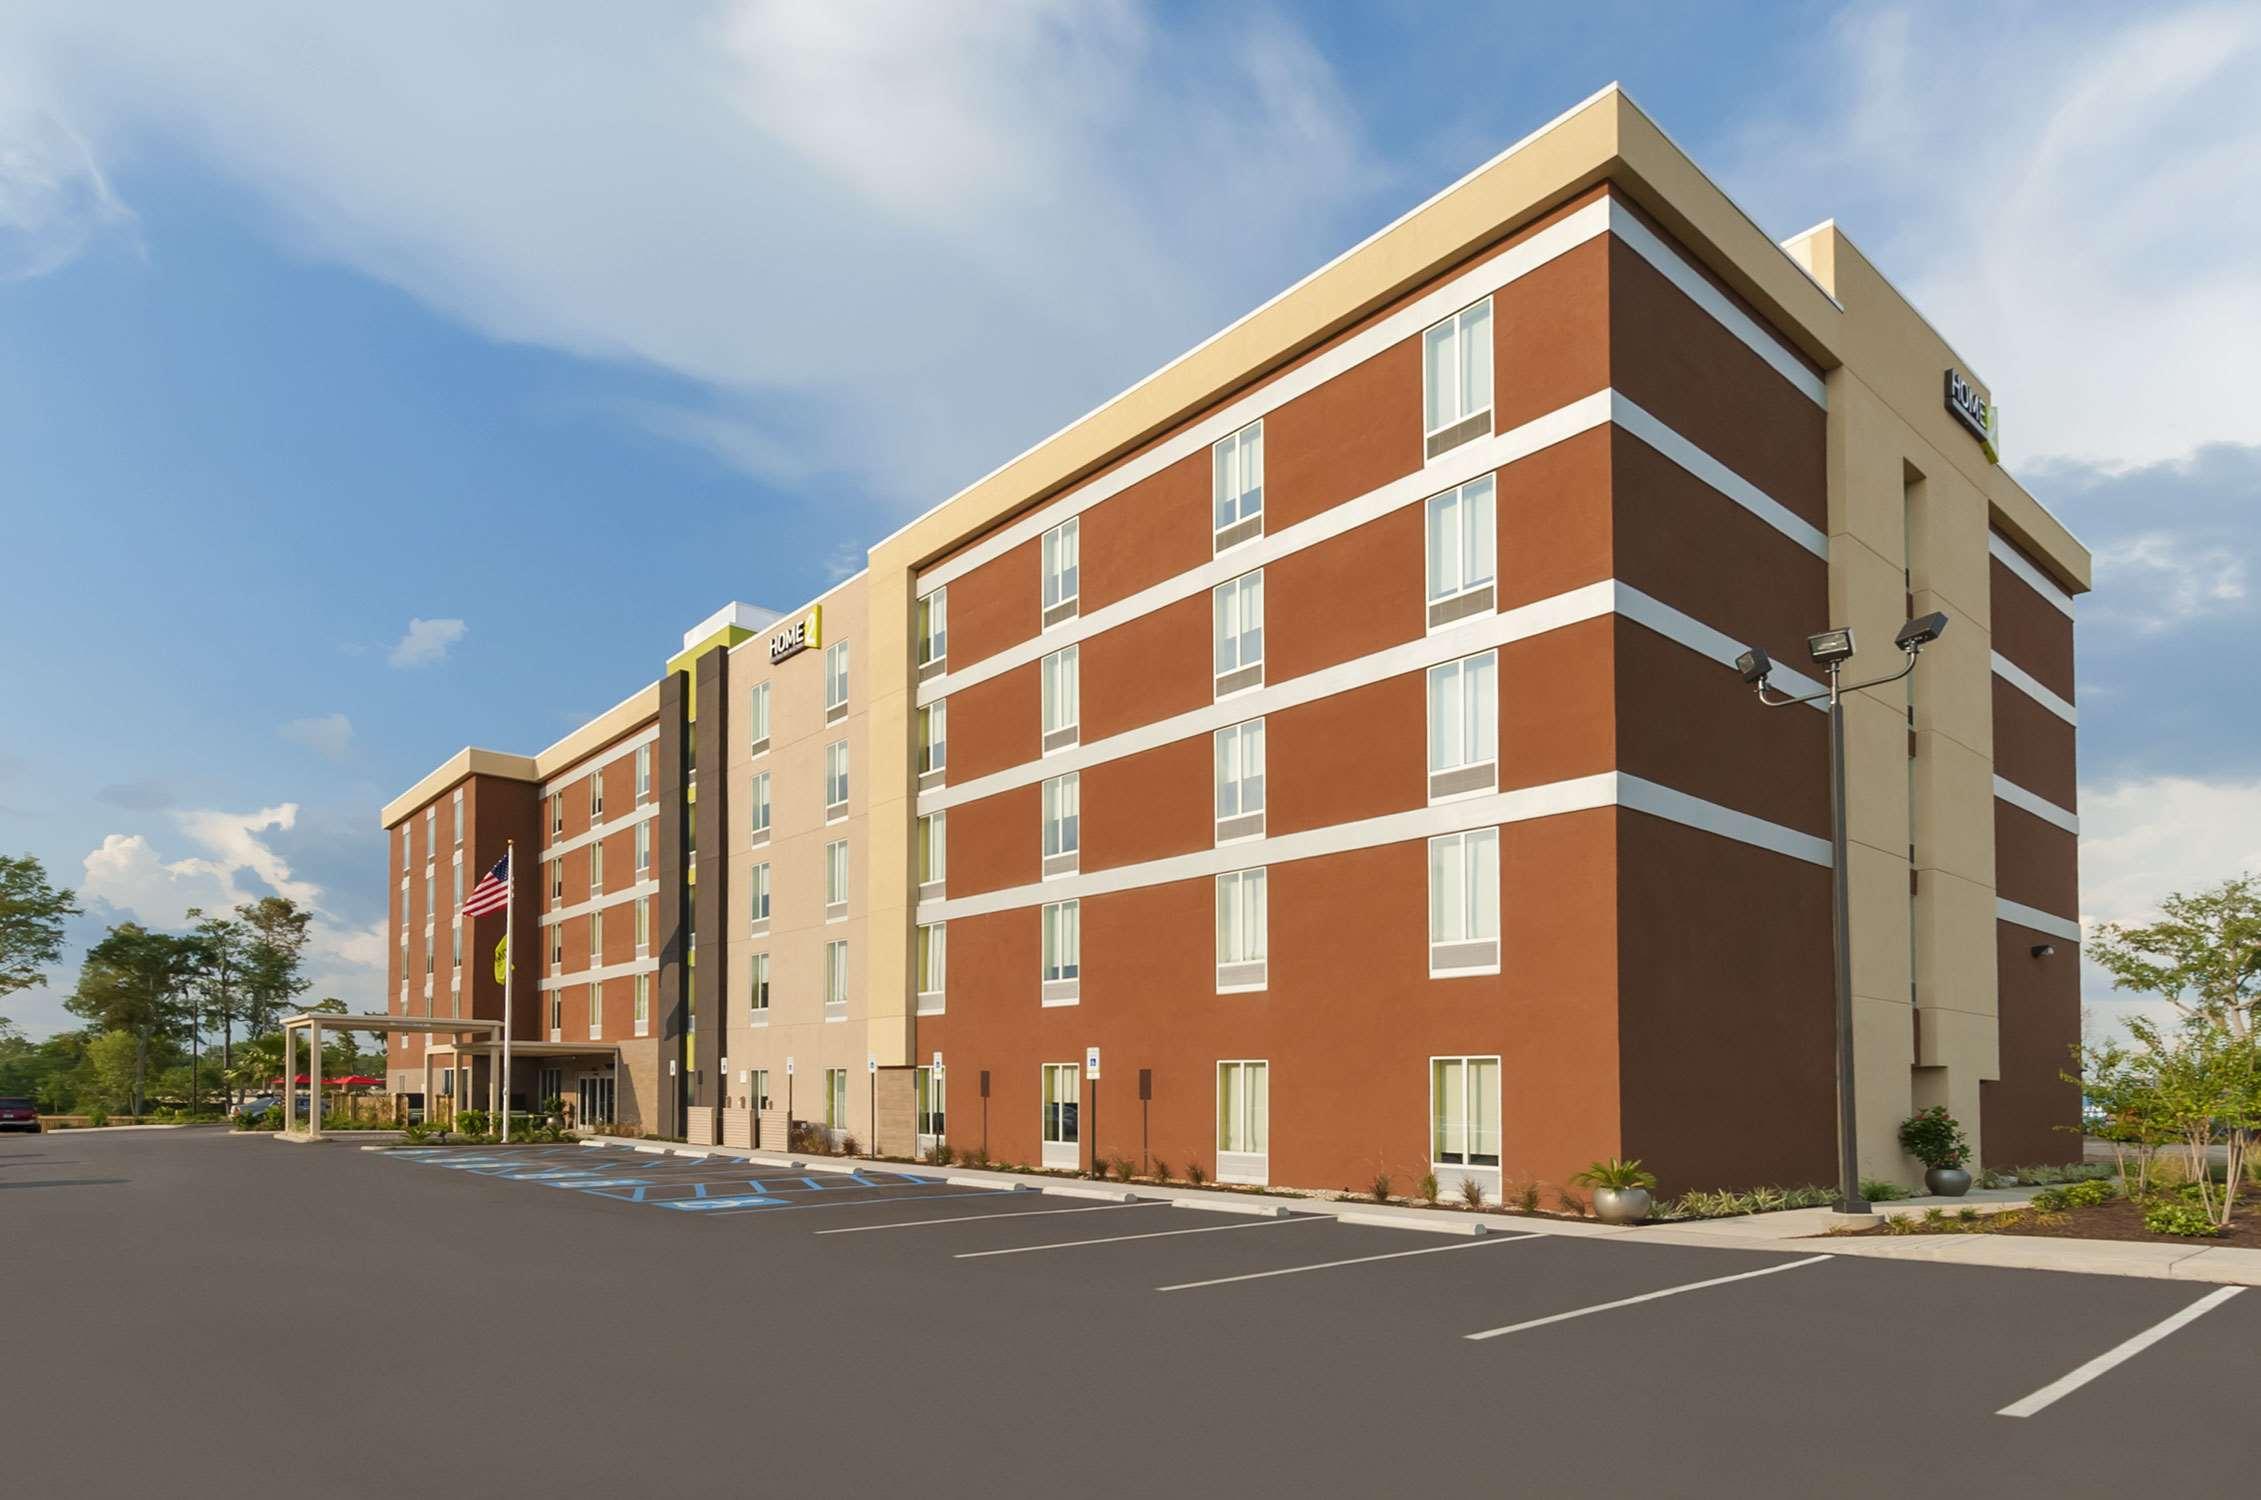 Home2 Suites by Hilton Biloxi North/D'Iberville, MS